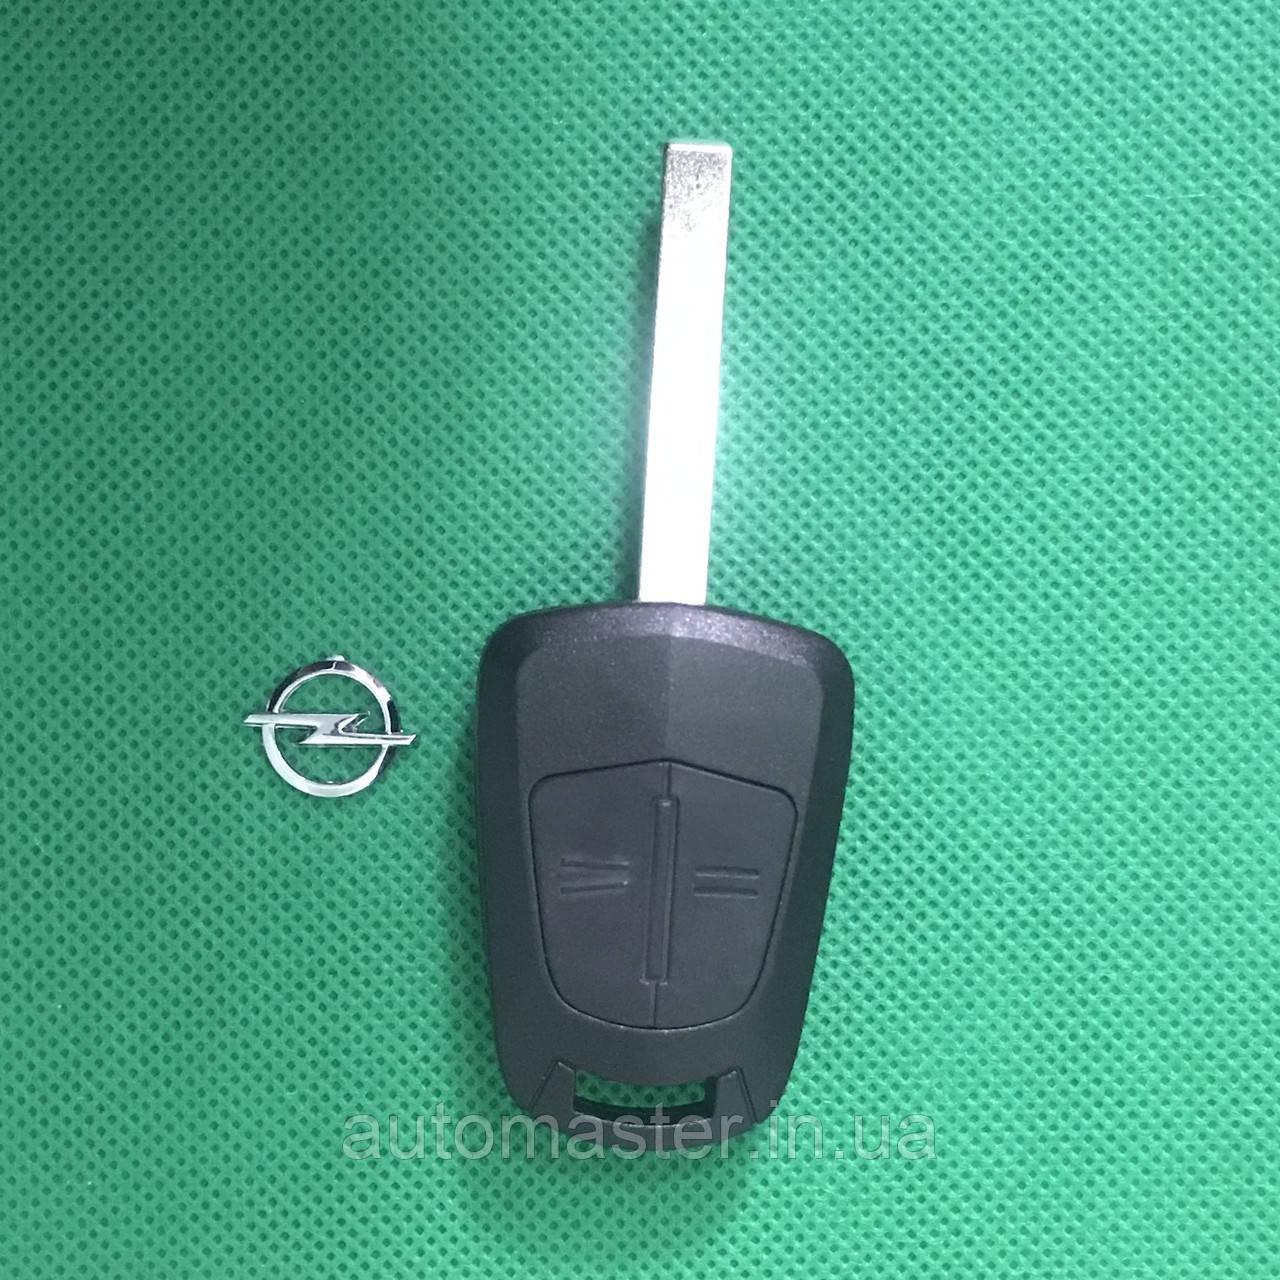 Корпус   авто ключа OPEL Astra Н, Zafira, Vectra (Опель Астра Н, Зафира, Вектра) 2кнопки,лезвие HU100